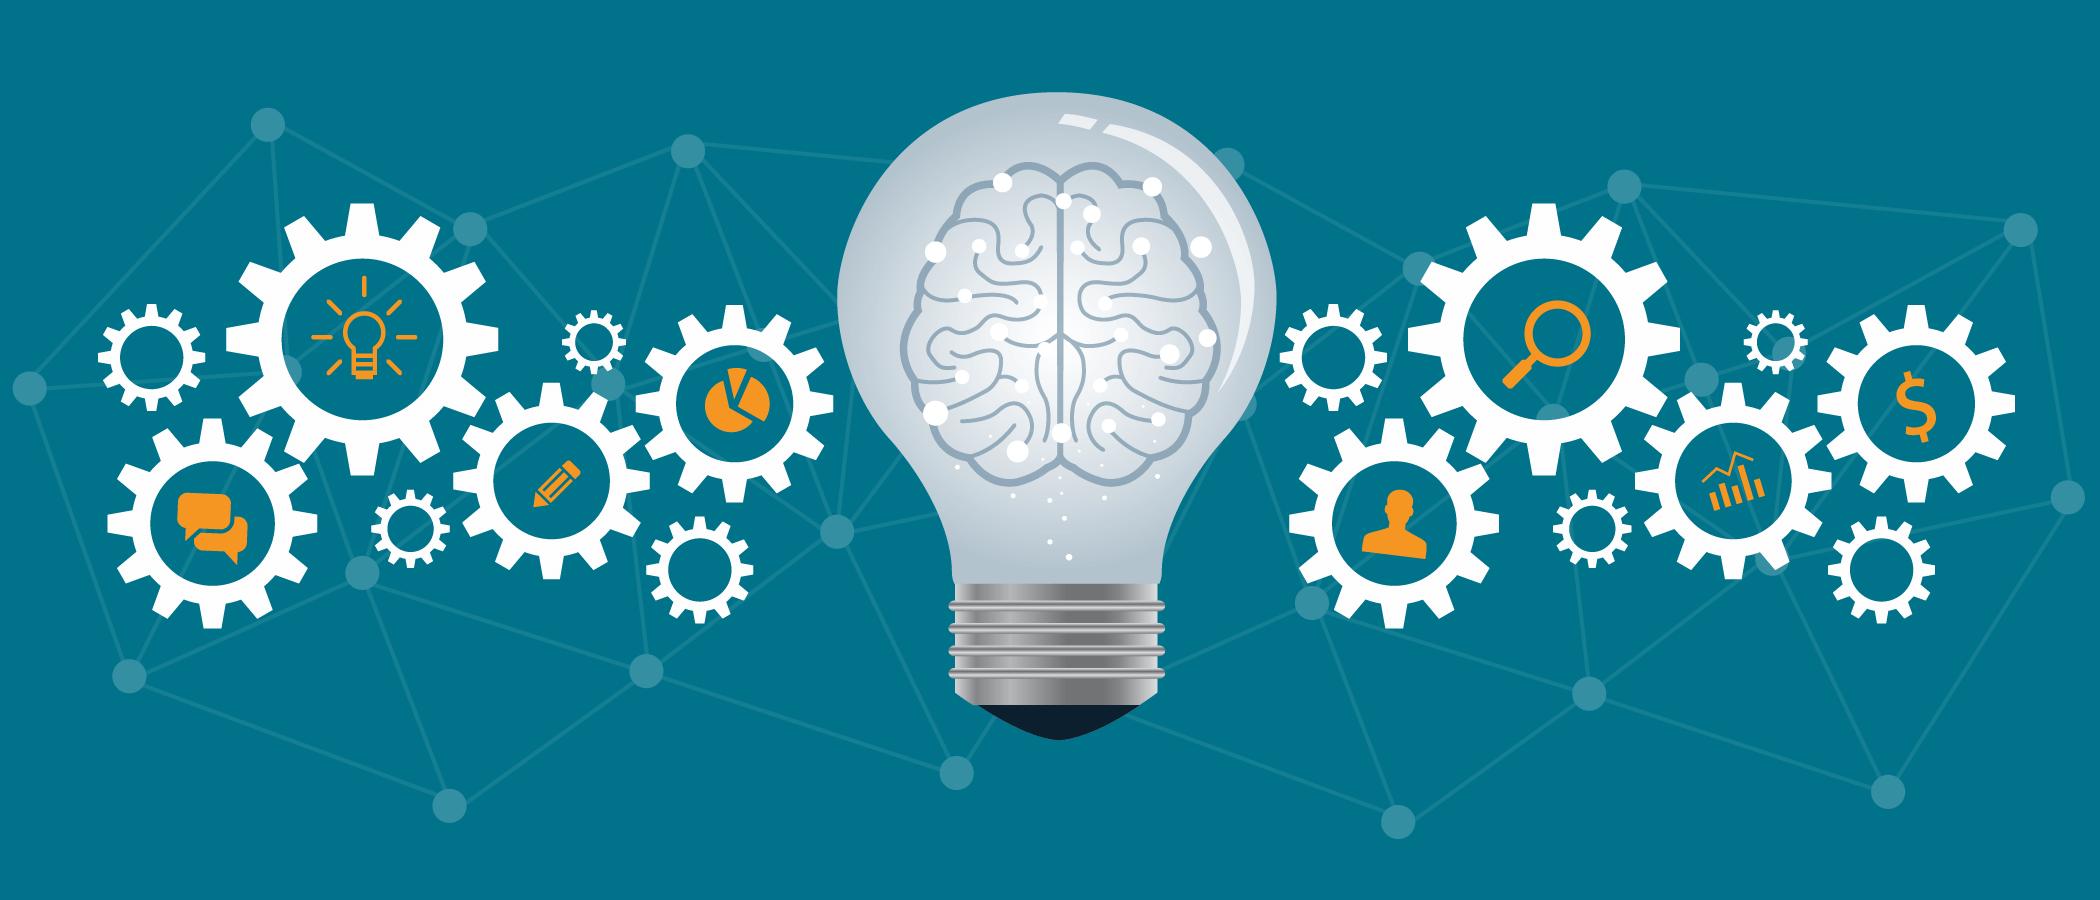 Cómo ir más allá de grabar y reproducir para obtener mejores pruebas de API automatizadas